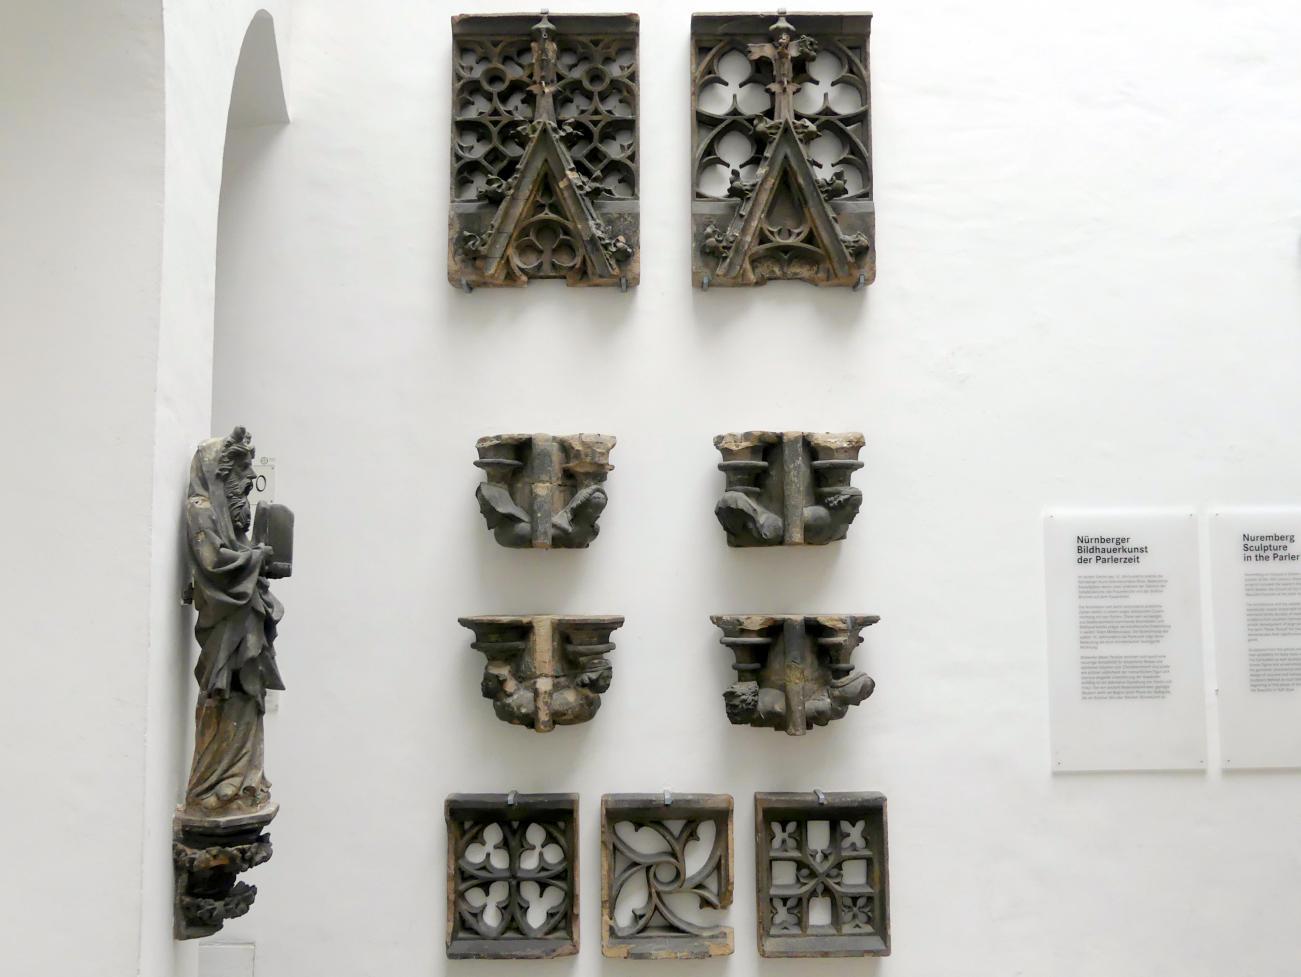 Konsolbüsten und Maßwerk-Architektur, um 1385 - 1392